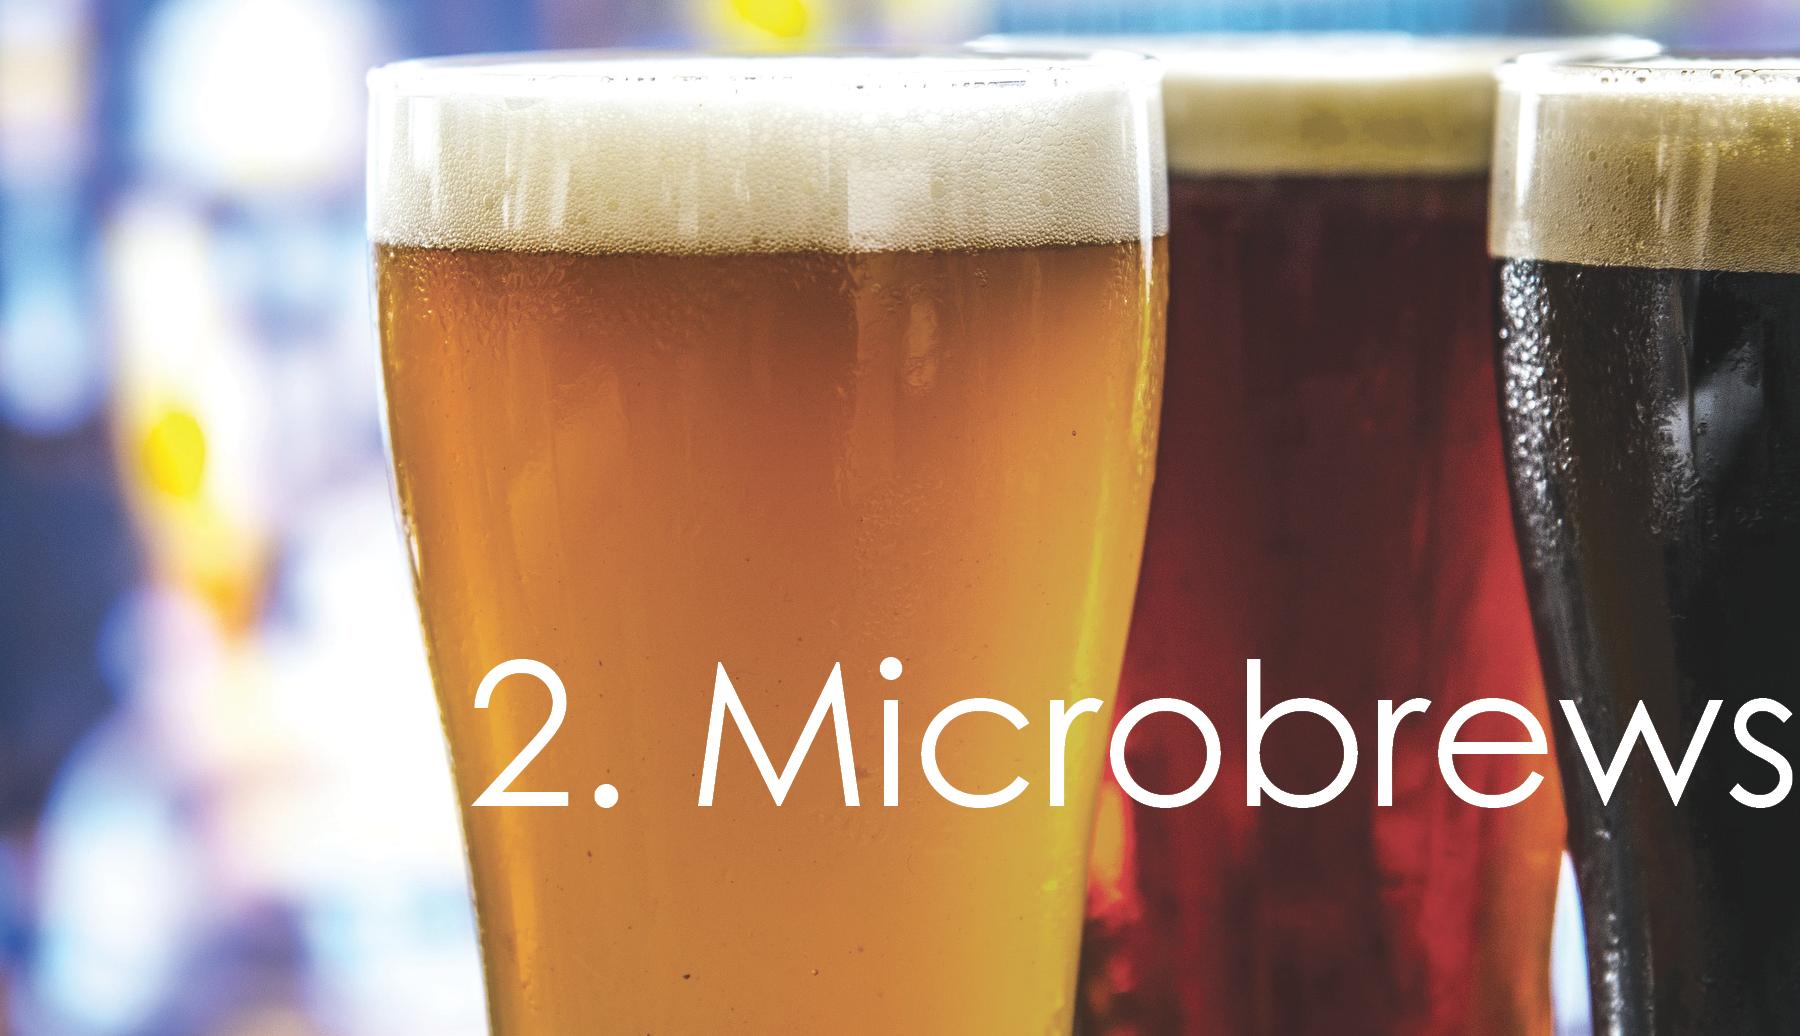 2 mircrobrew